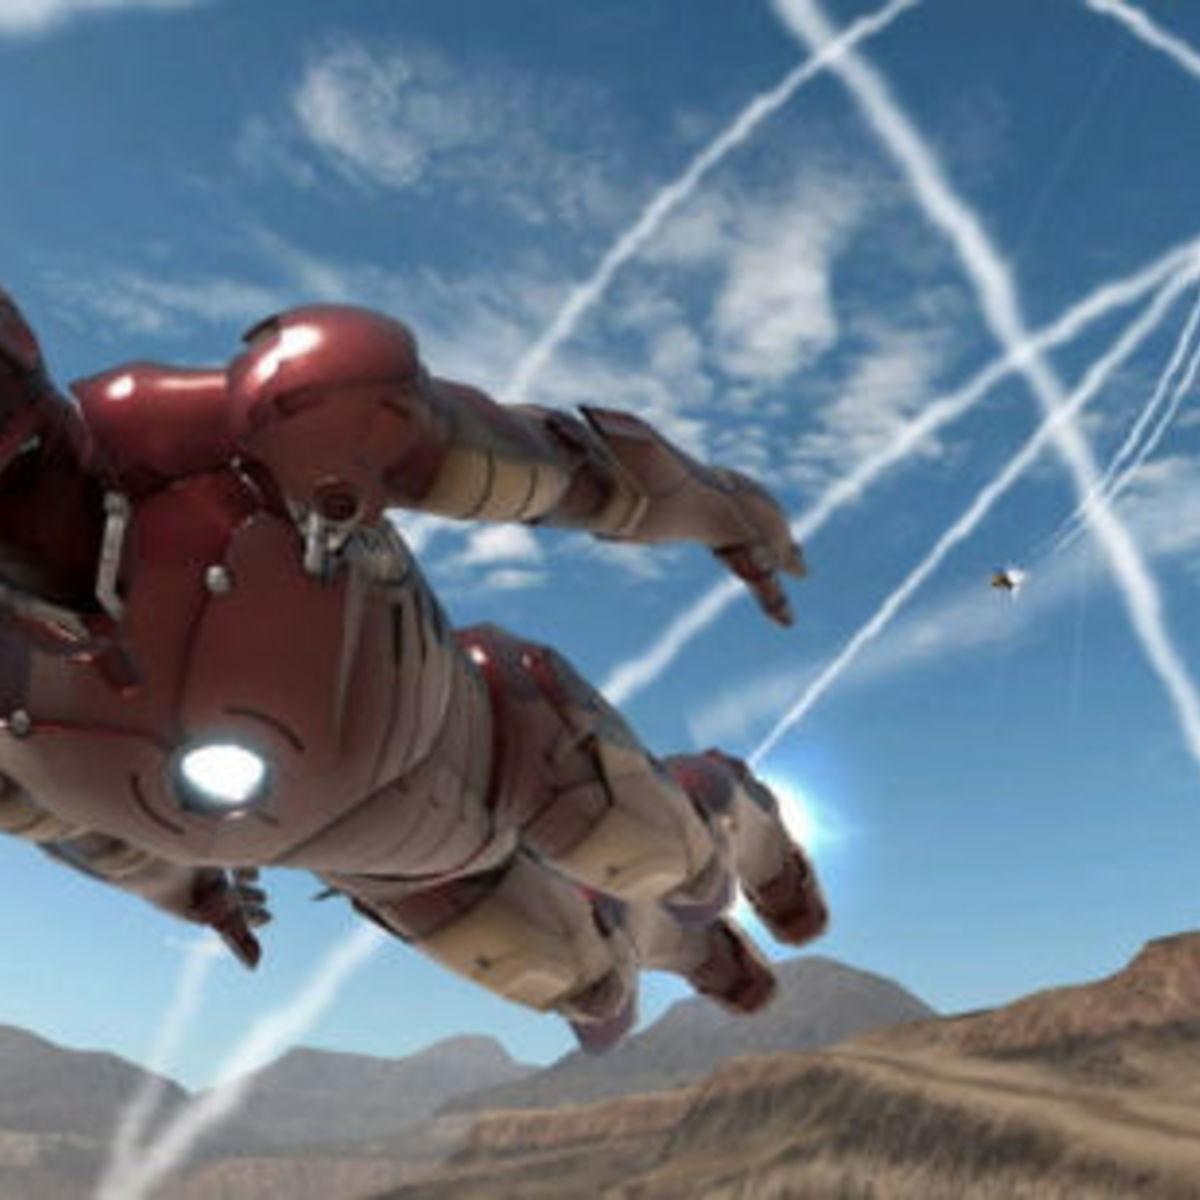 Iron_Man_2_video_game.jpg